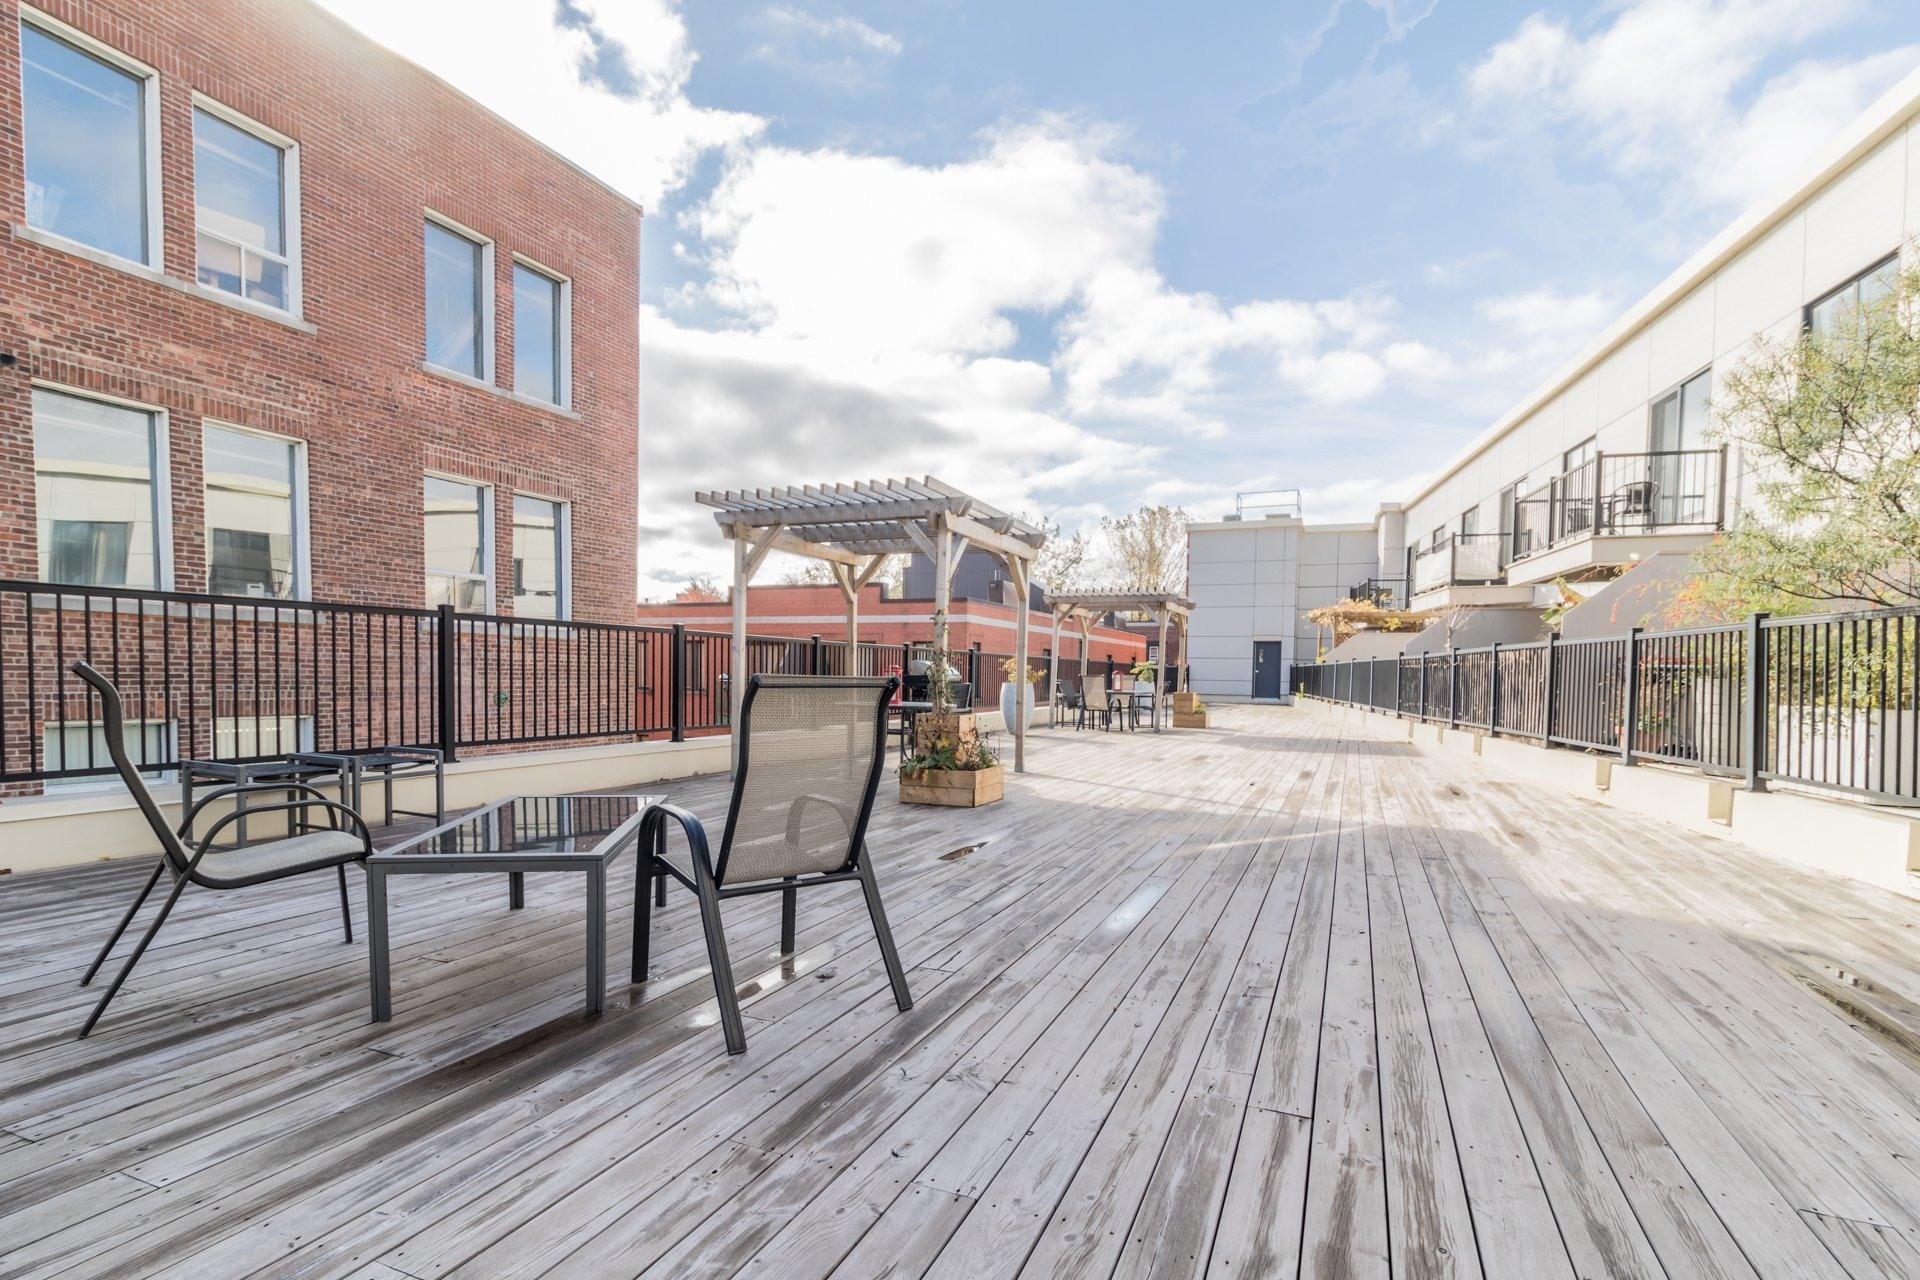 image 5 - Appartement À vendre Montréal Ville-Marie  - 4 pièces